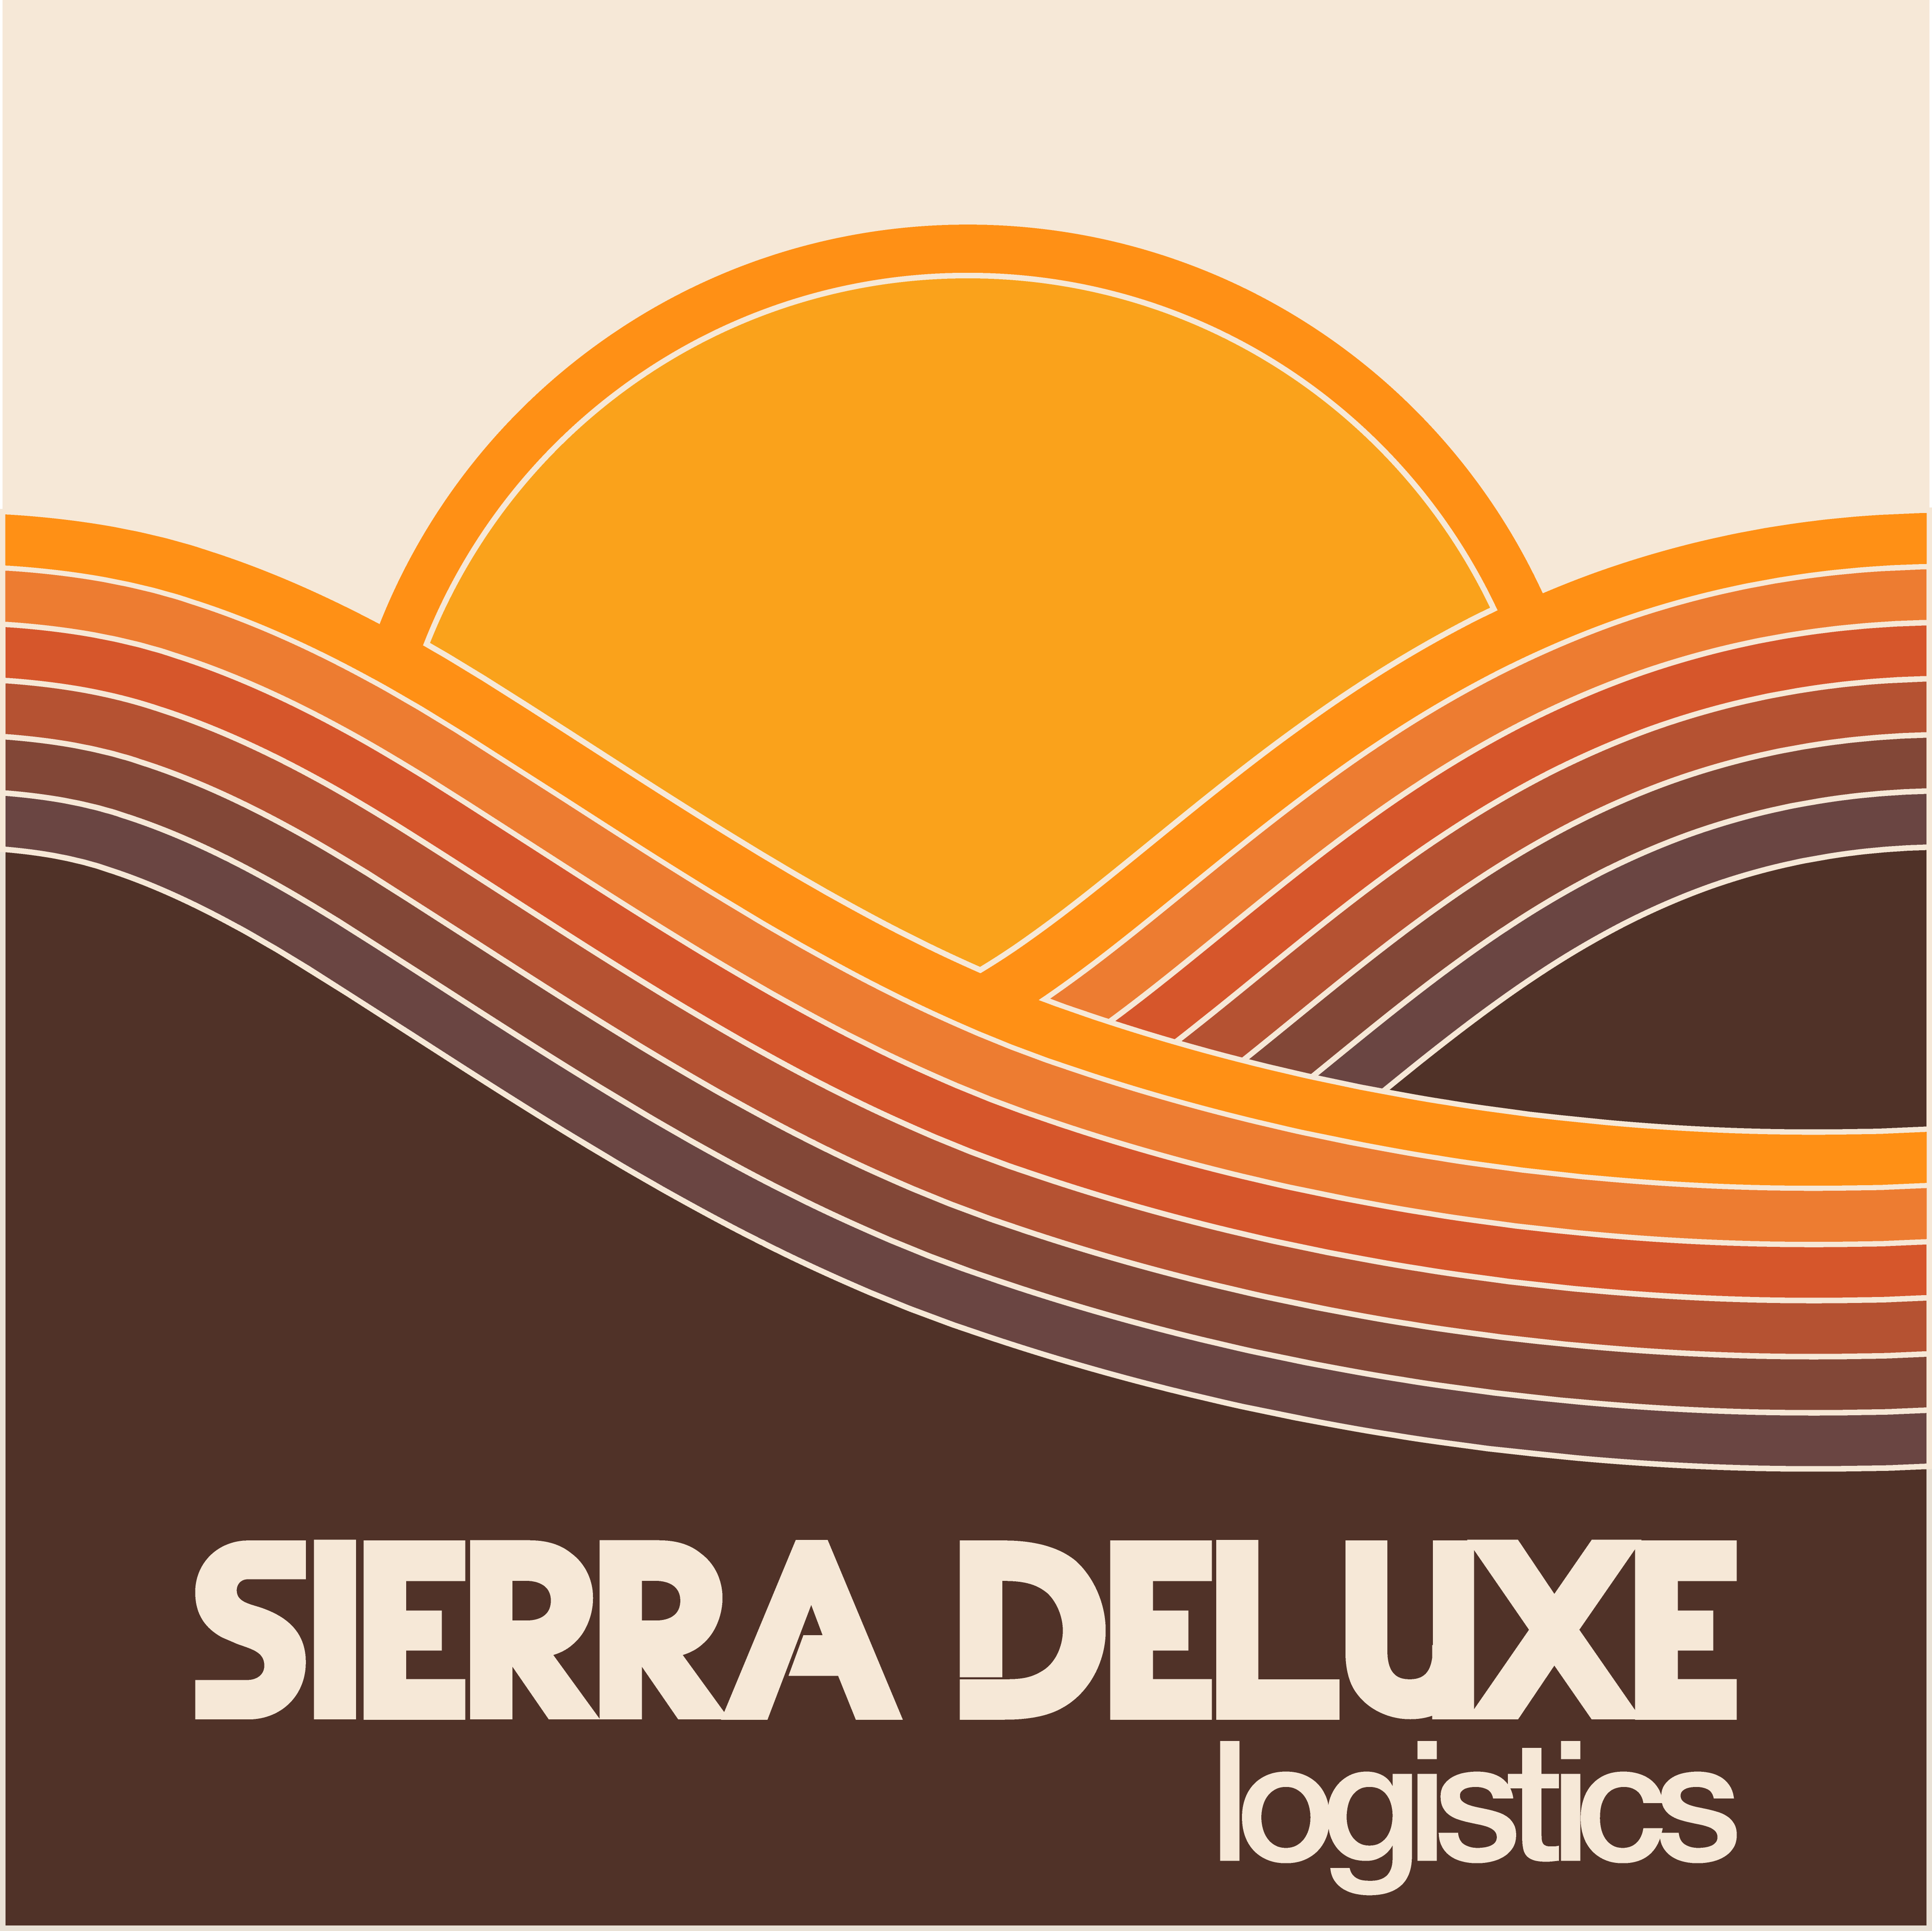 Logo for Sierra Deluxe Logistics